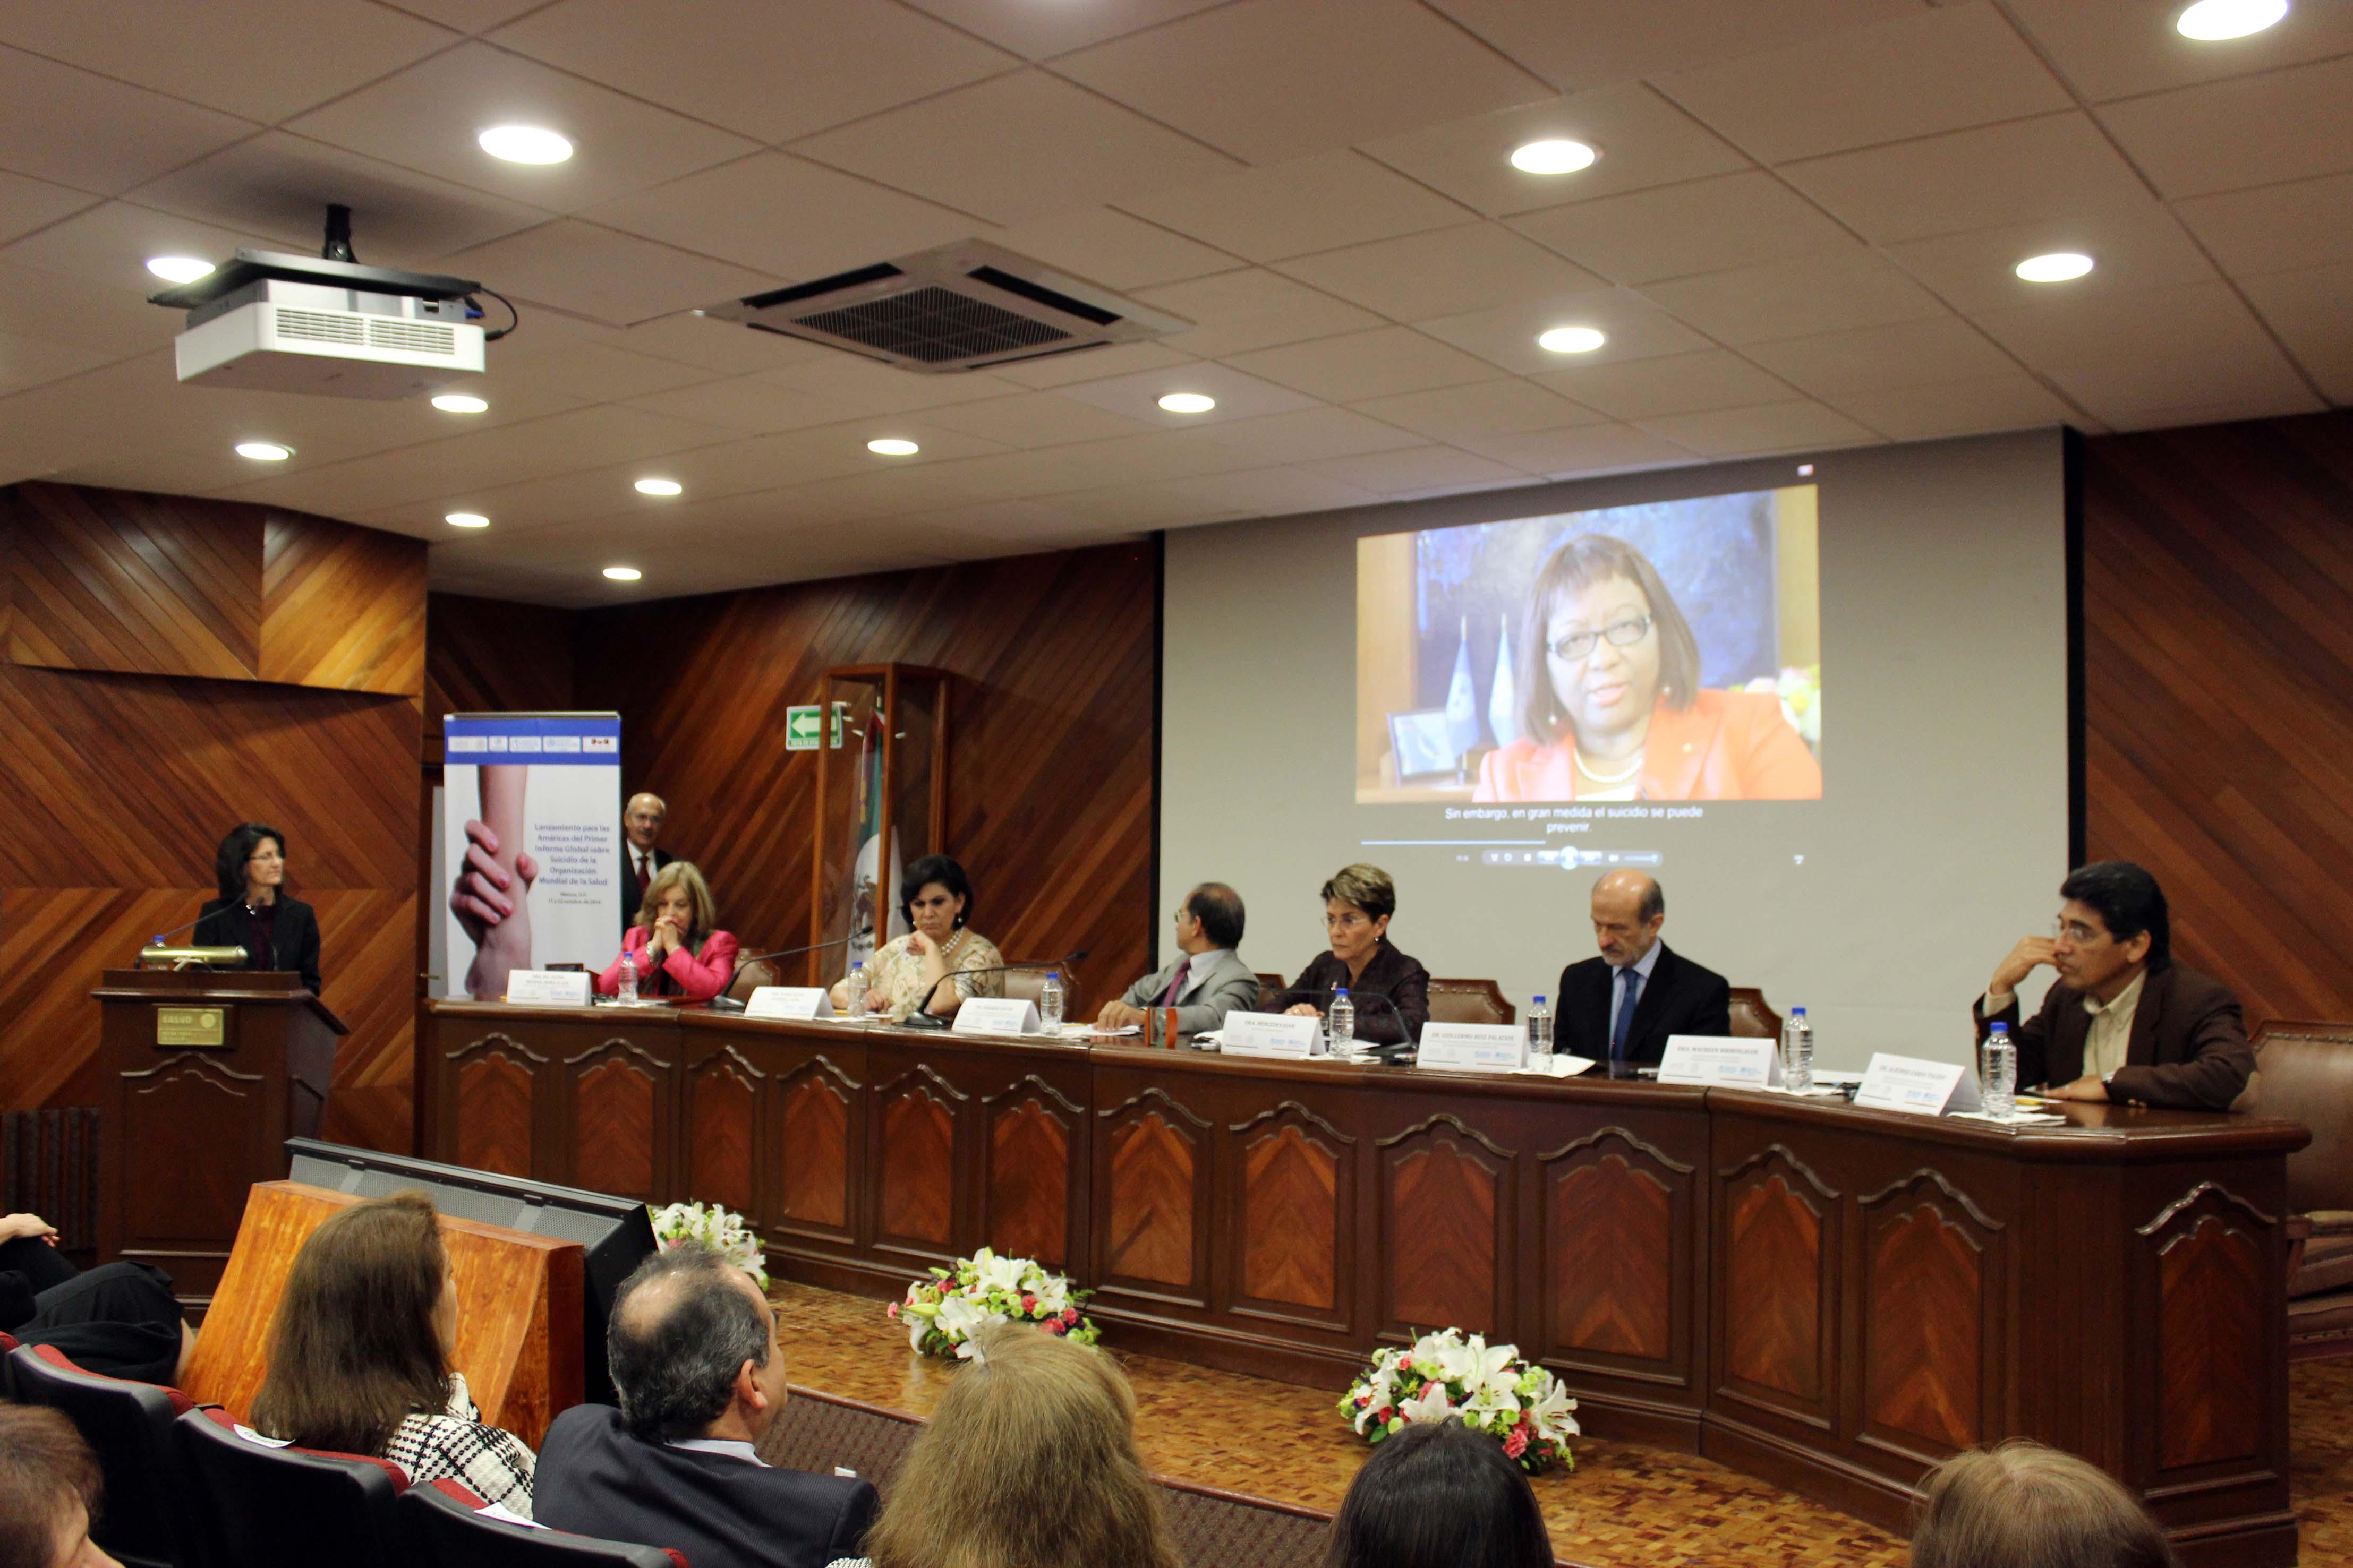 LANZAMIENTO PARA LAS AM RICAS DEL PRIMER INFORME GLOBAL SOBRE SUICIDIO DE LA OMS 211014  10 .jpg